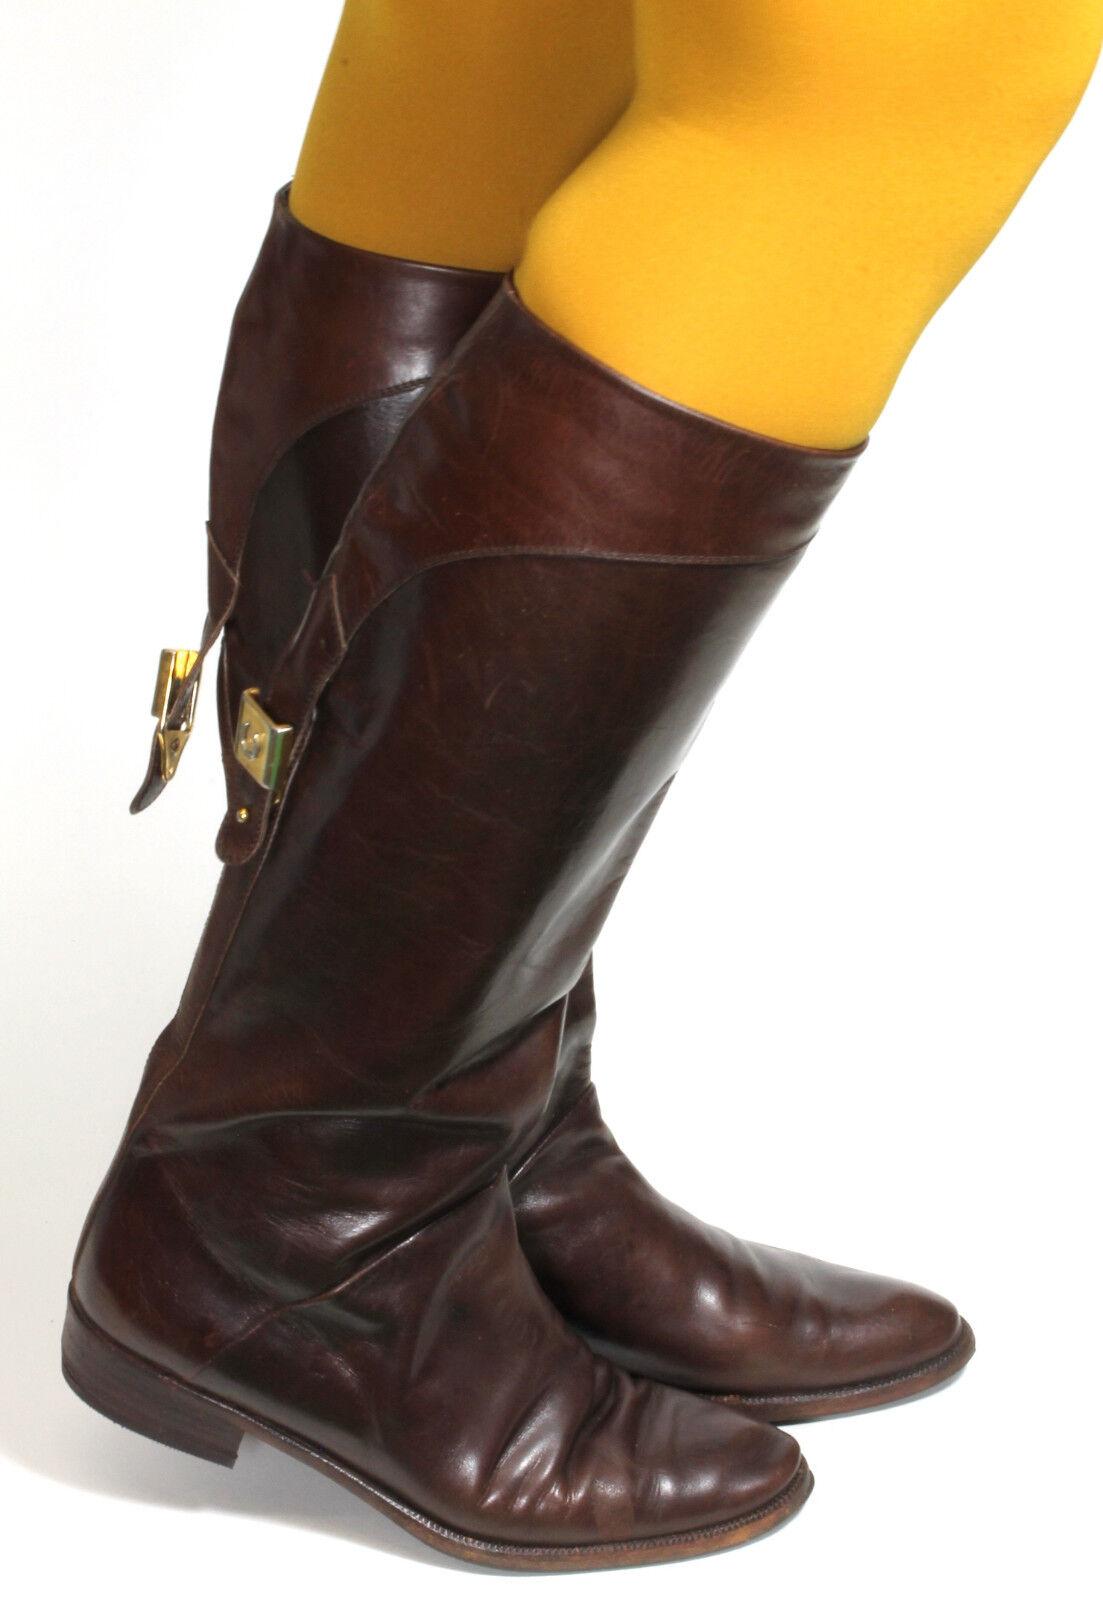 Damenstiefel Vintage Stiefel Stiefel Leder Flats Reiter Braun Chellis  38,5